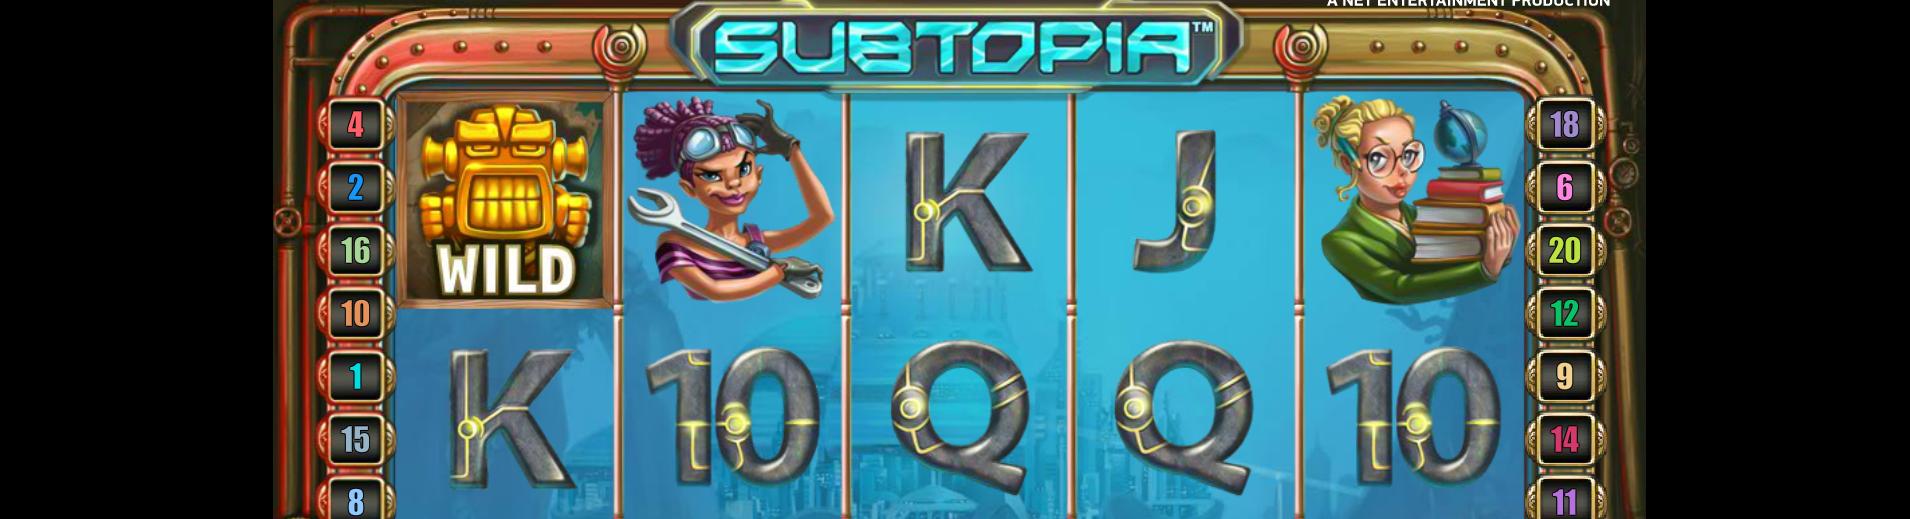 Subtopia netent kolikkopelit toripelit